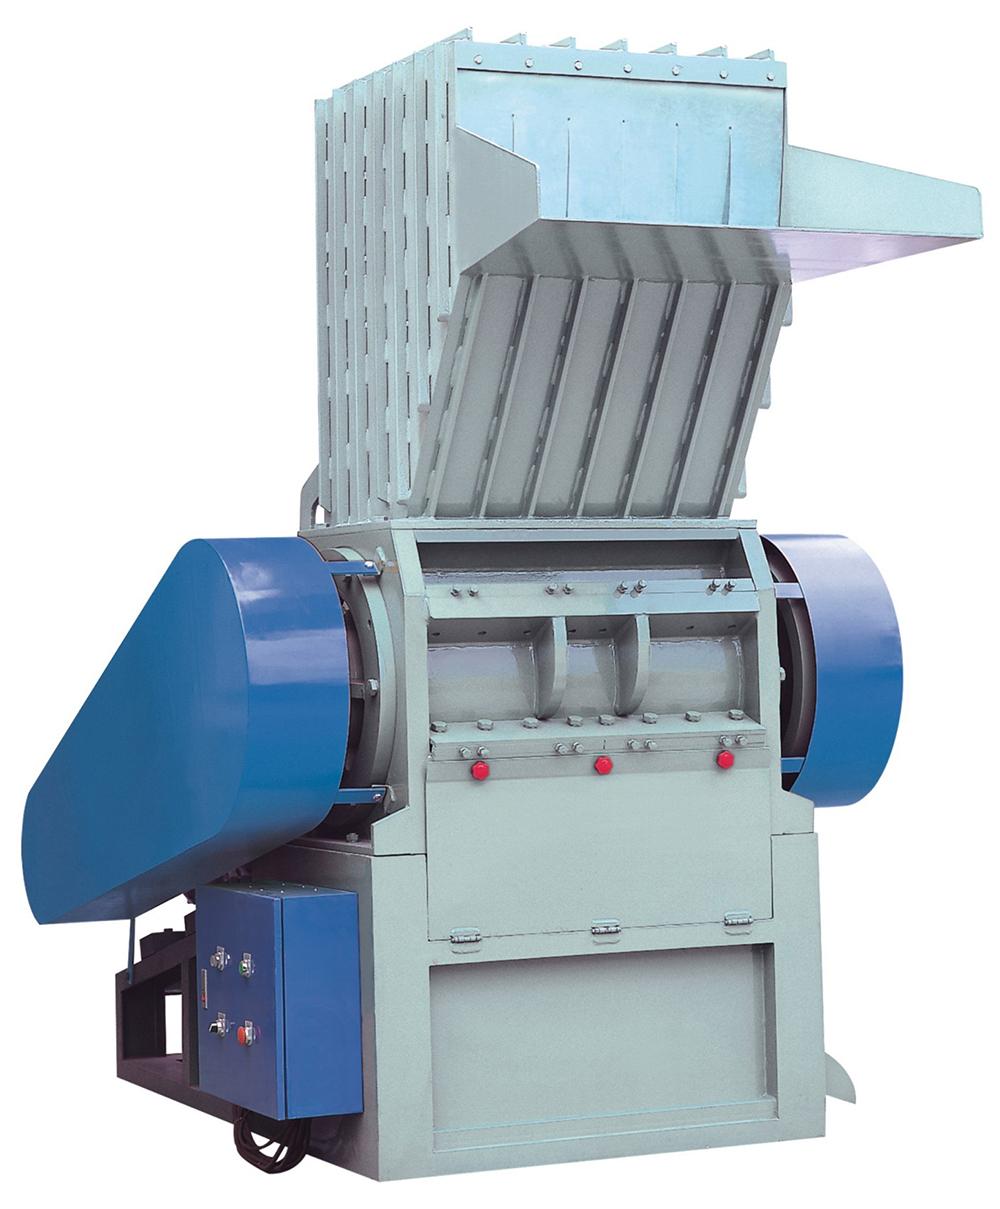 產量型強力粉碎機(C型) Crusher series 大型粉砕機